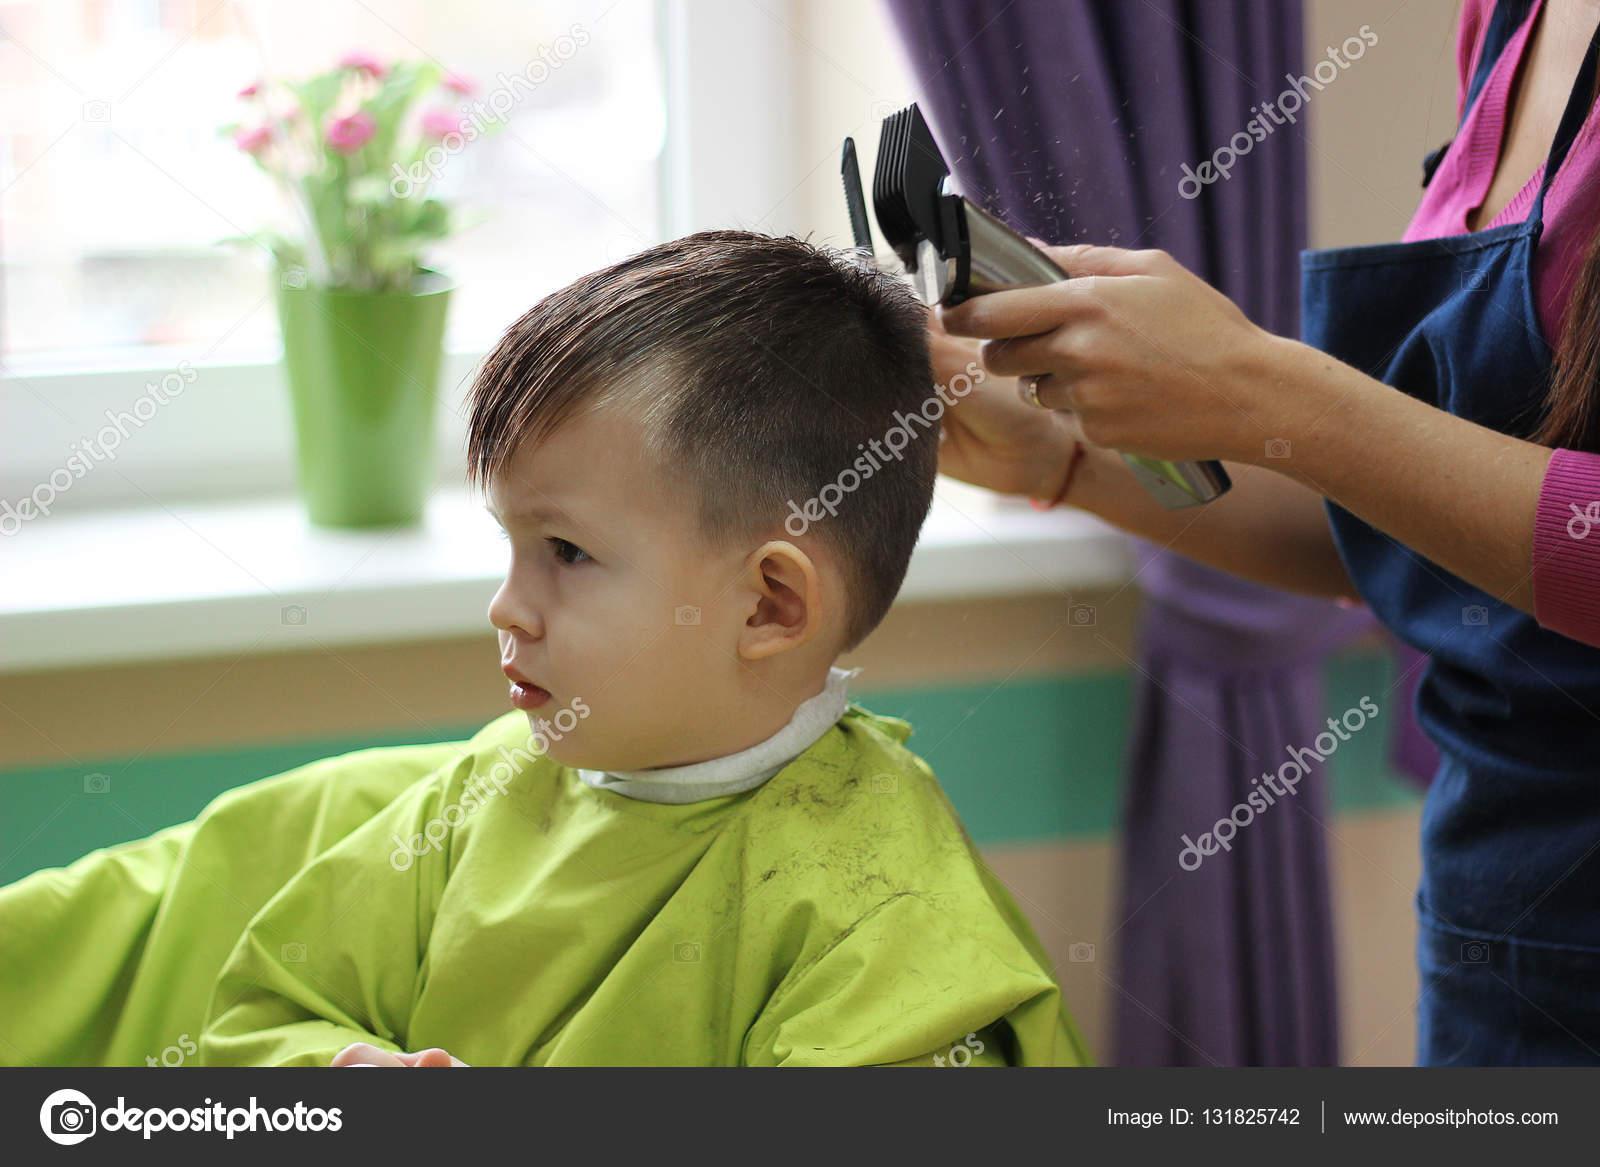 Coiffure coupe cheveux avec tondeuse isolé sur fond blanc \u2014 Image de